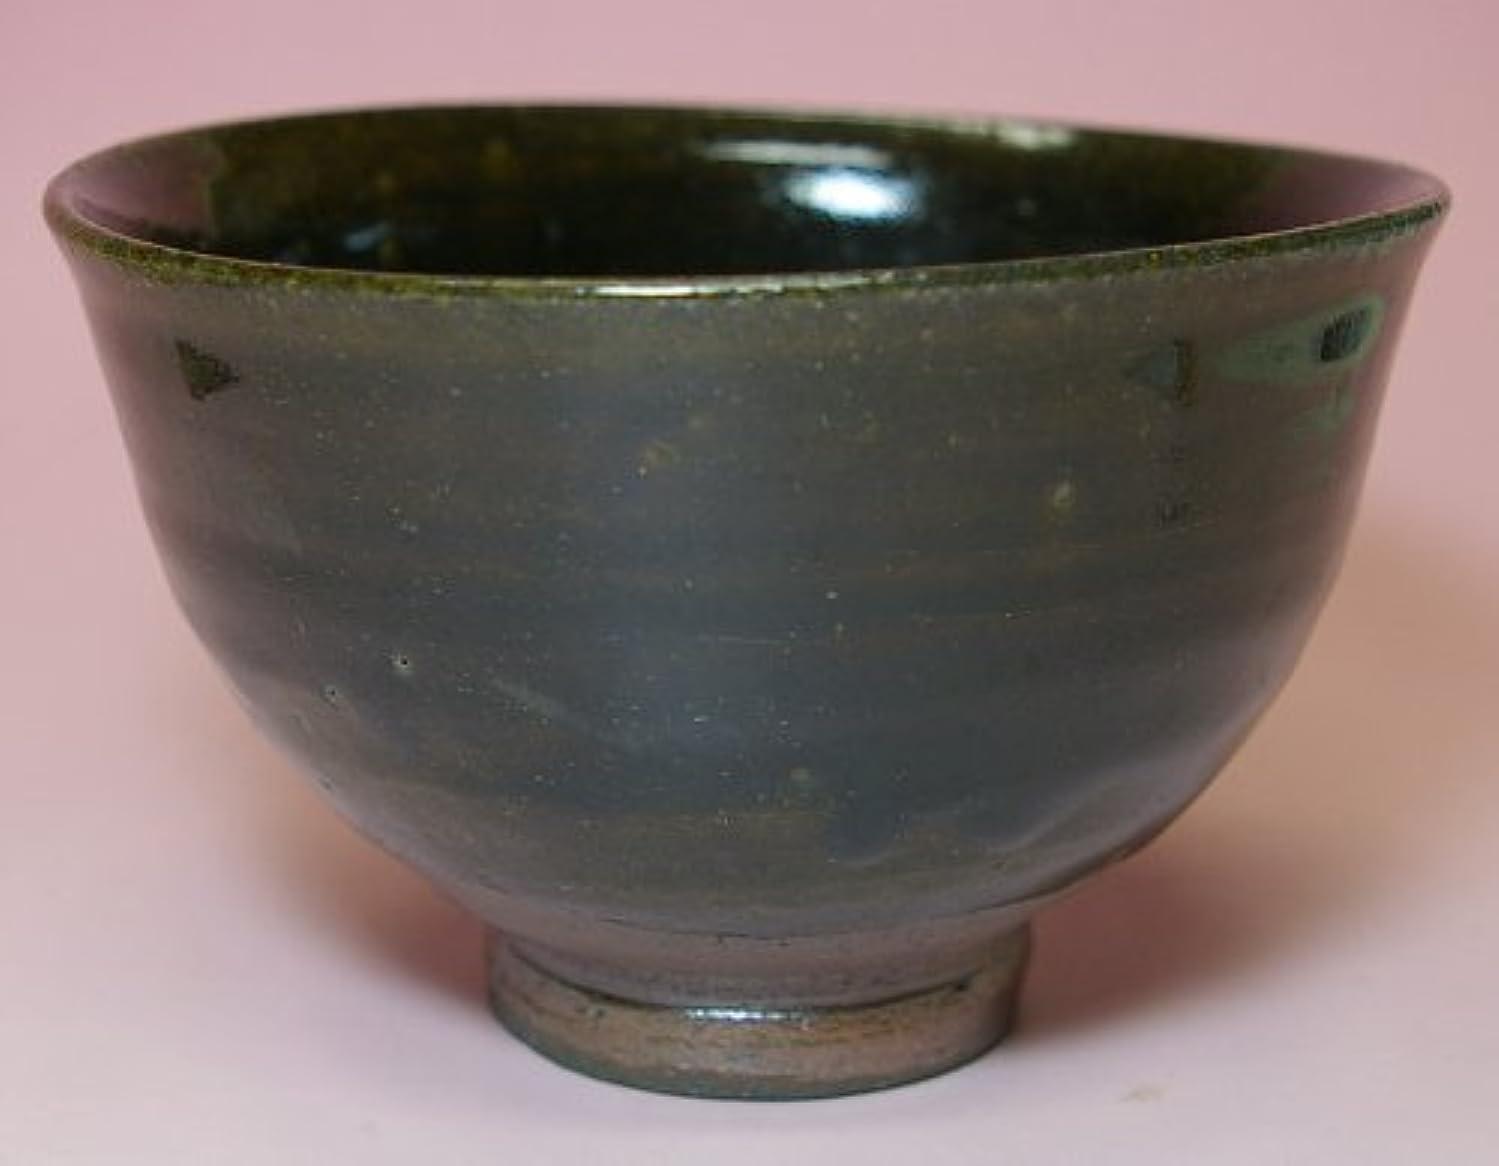 パーチナシティ郵便起業家兵庫県無形文化財 森本陶谷作◆丹波立杭焼 緑釉茶碗◆(1103016)